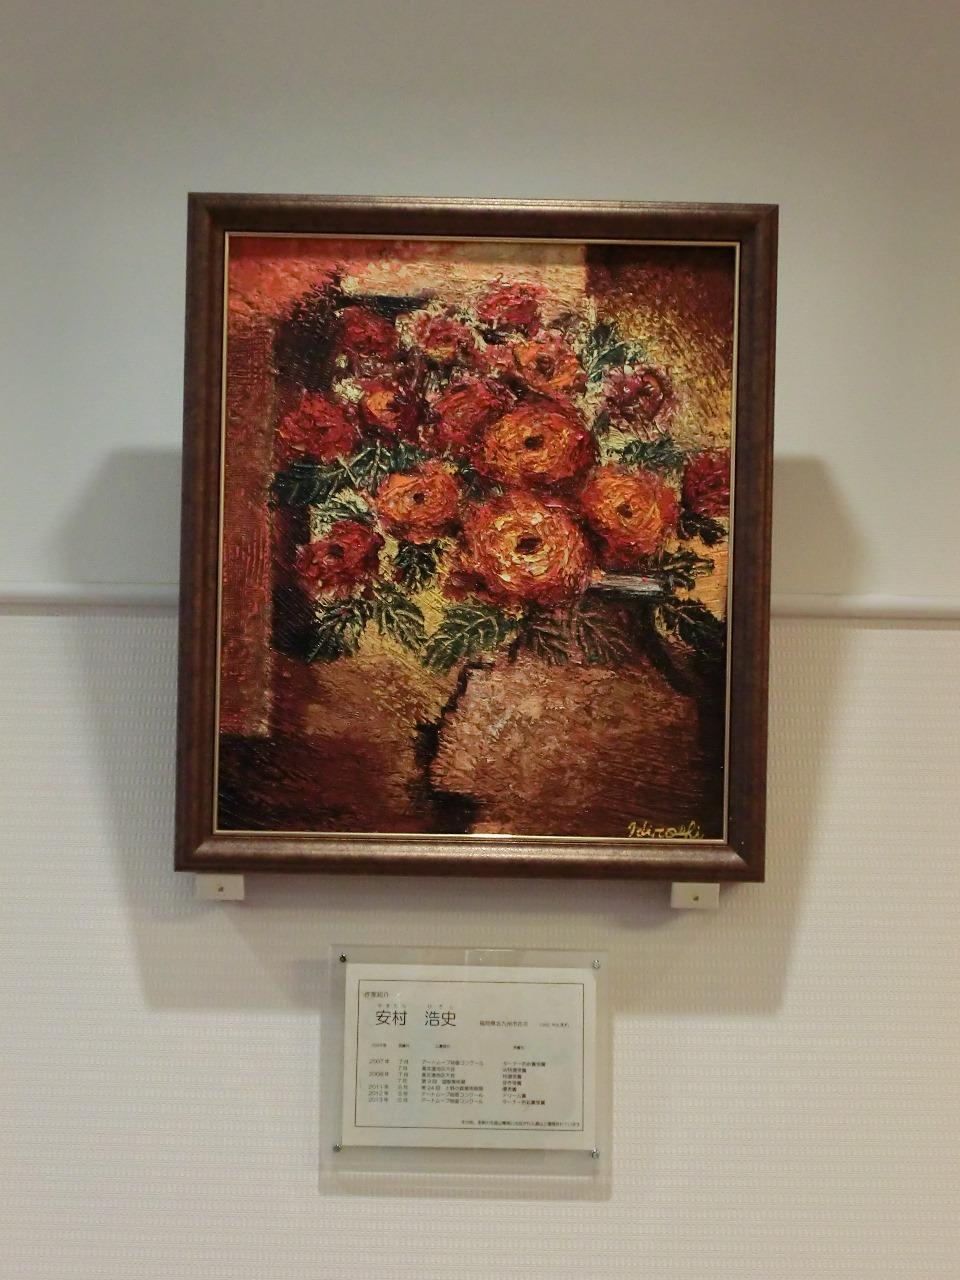 油彩アーティスト:安村浩史さん作品展示 大阪府堺市  透析クリニックにて